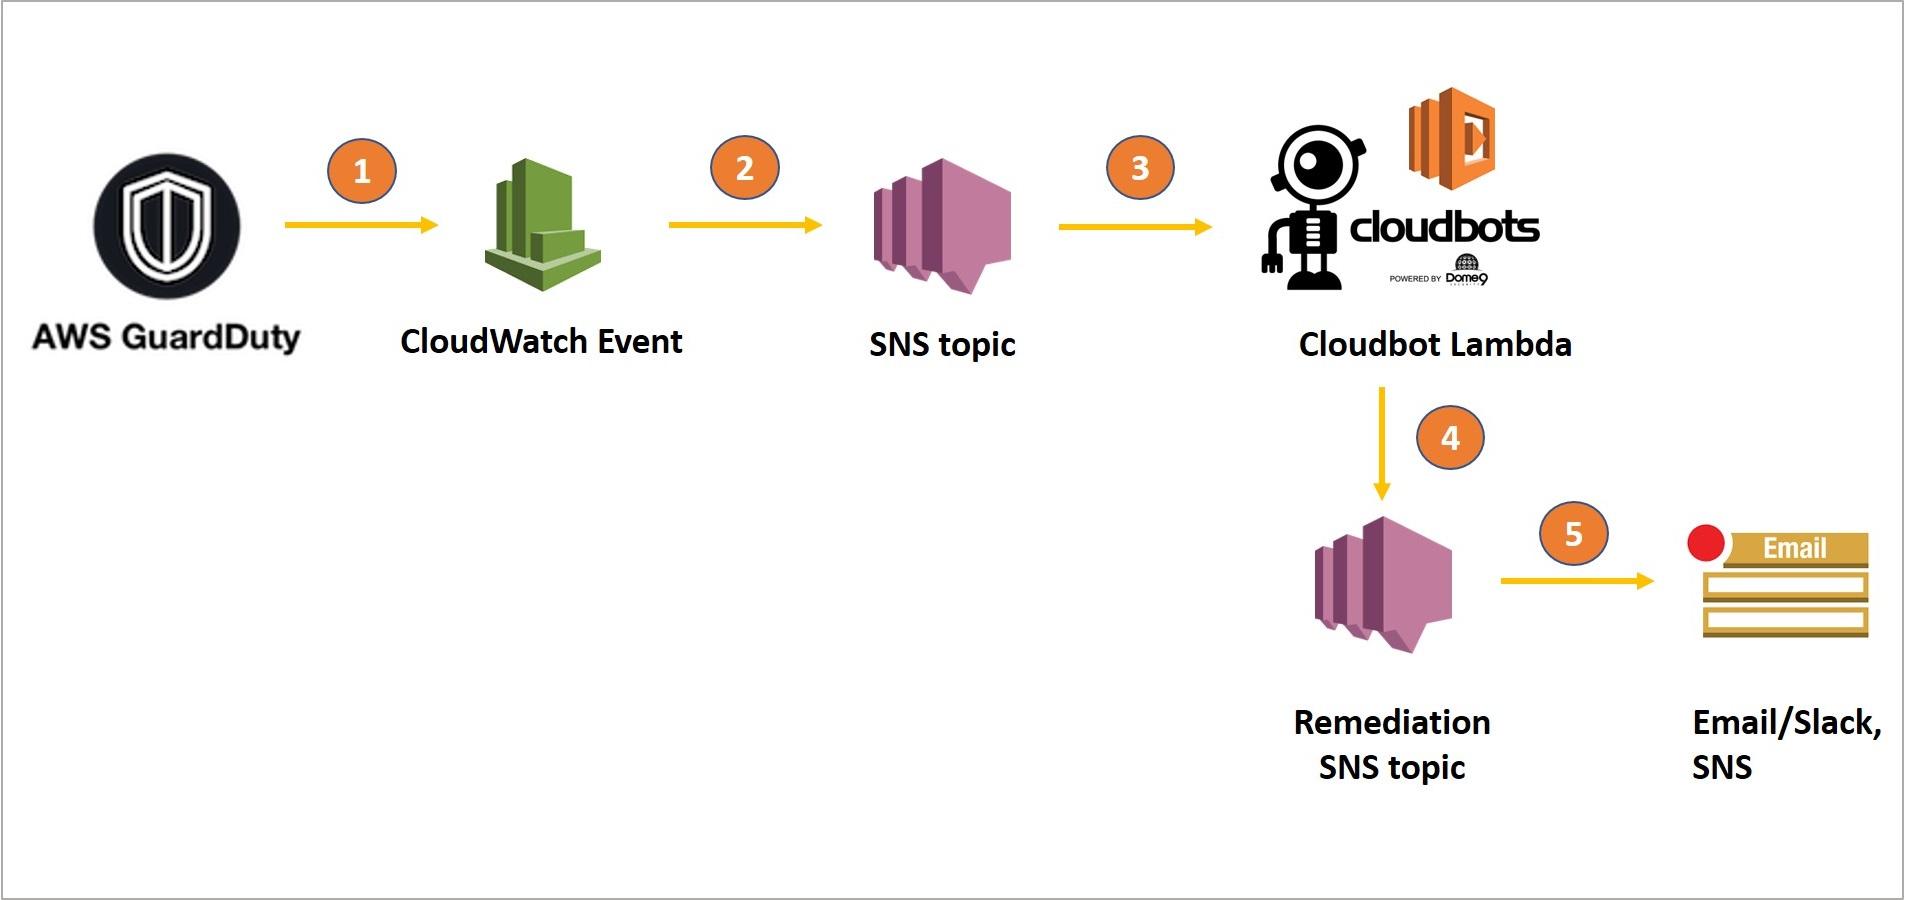 Dome9 CloudBots-6.1